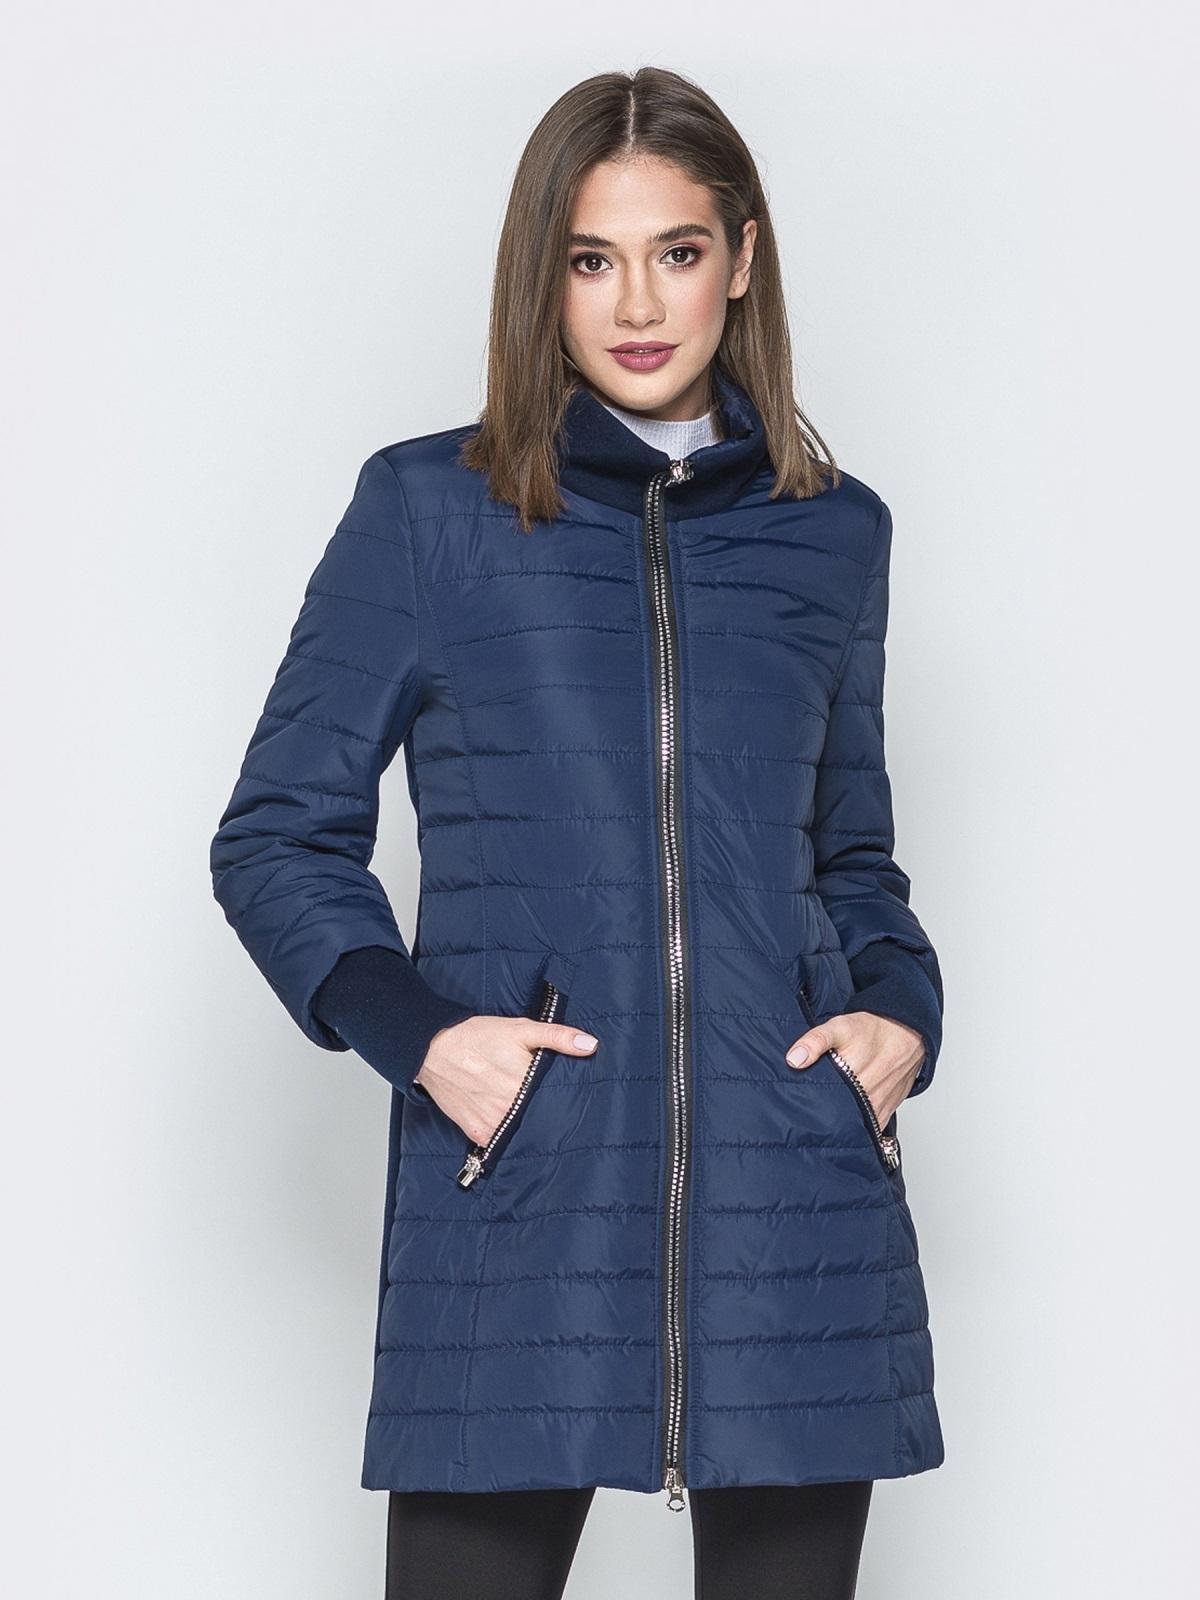 Синяя куртка с манжетами из кашемира и воротником 20231, фото 1